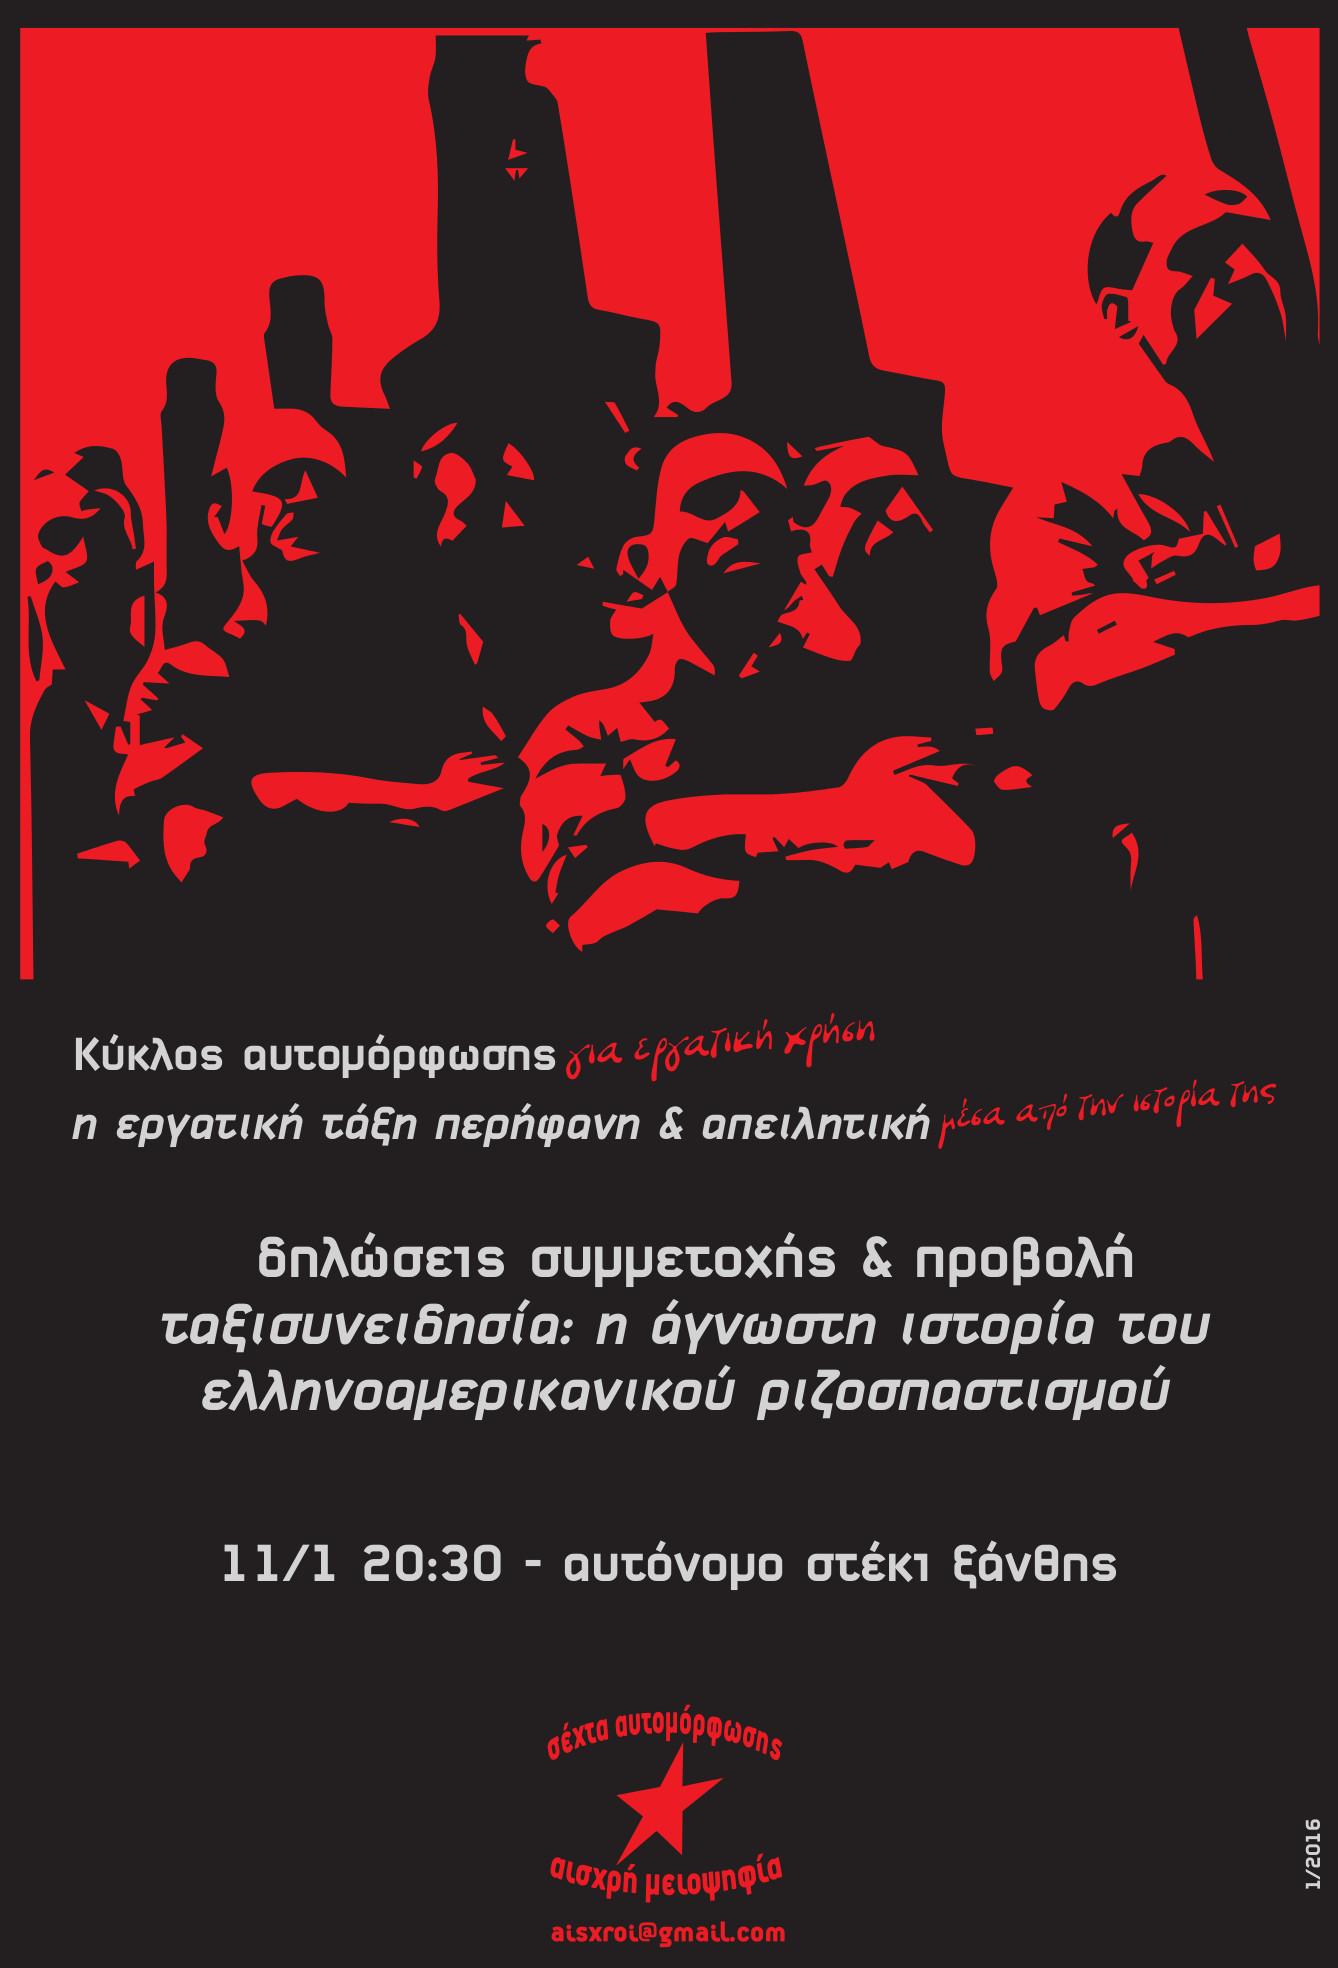 kyklos2_taxisyneidisia_xanthi copy